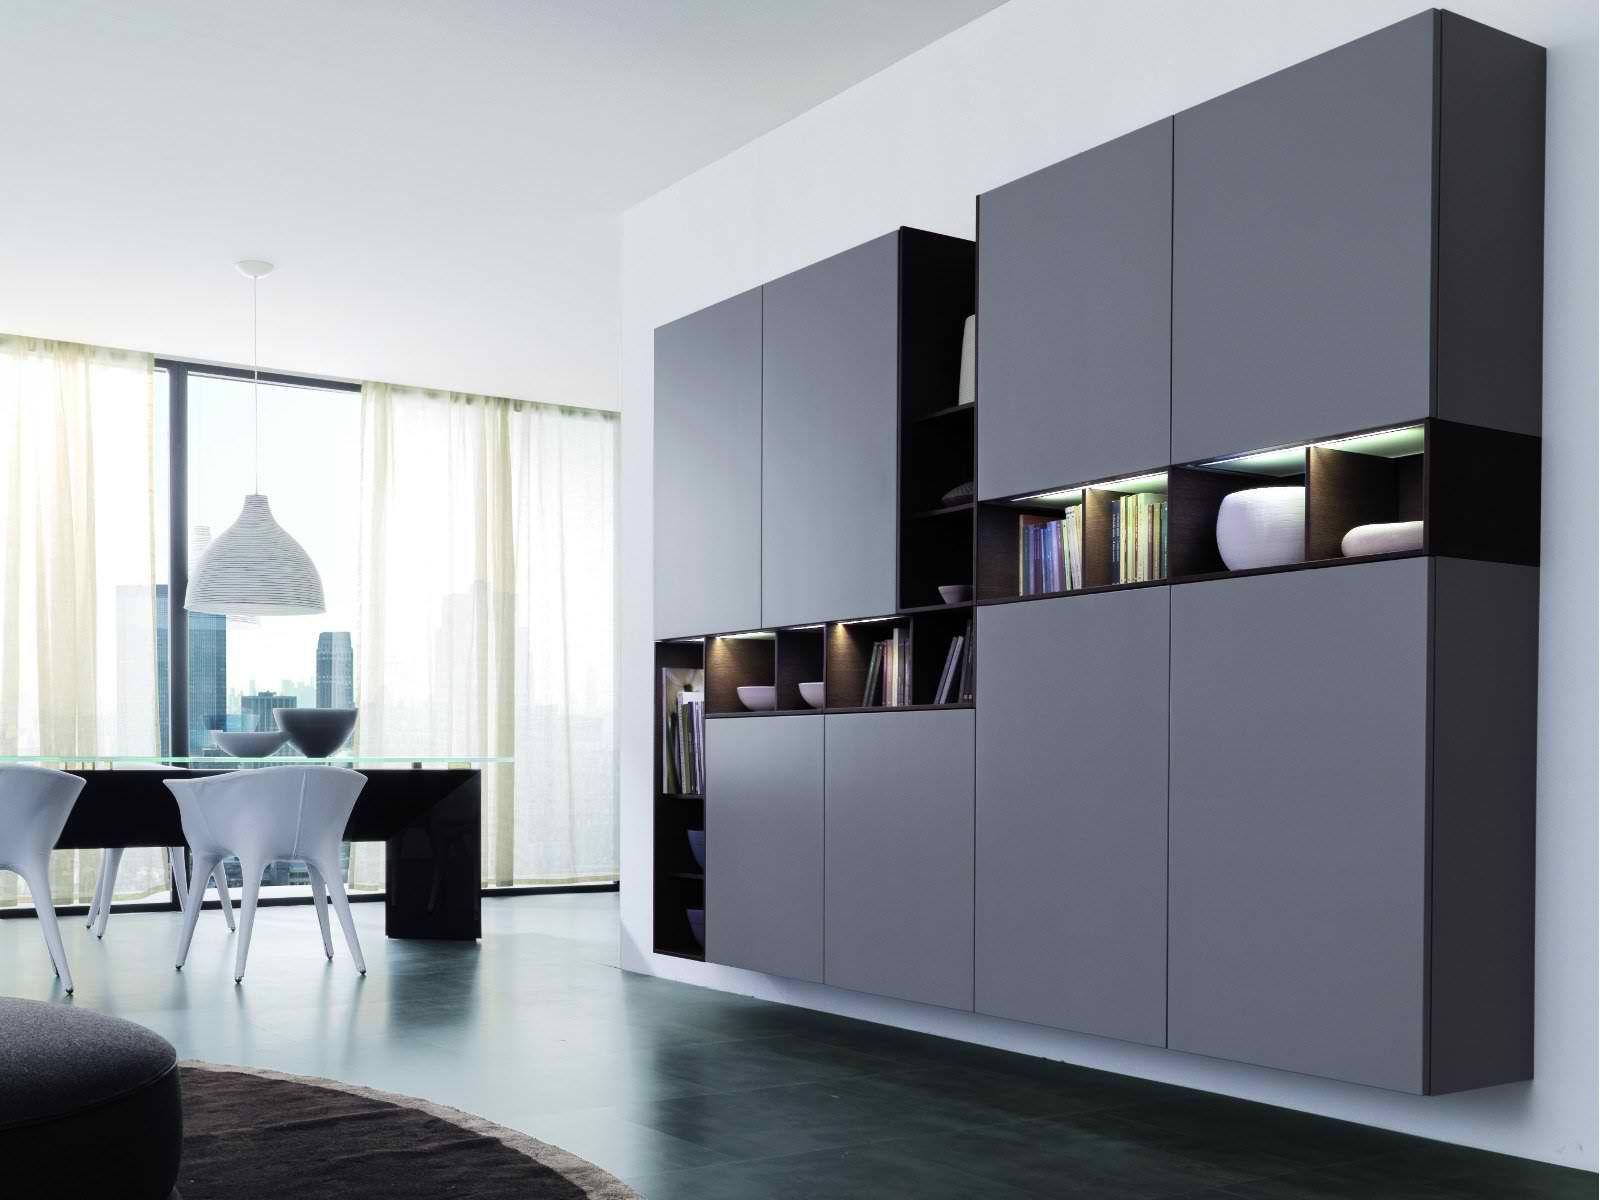 italienische design möbel großartige bild der eabbacbbfacd jpg